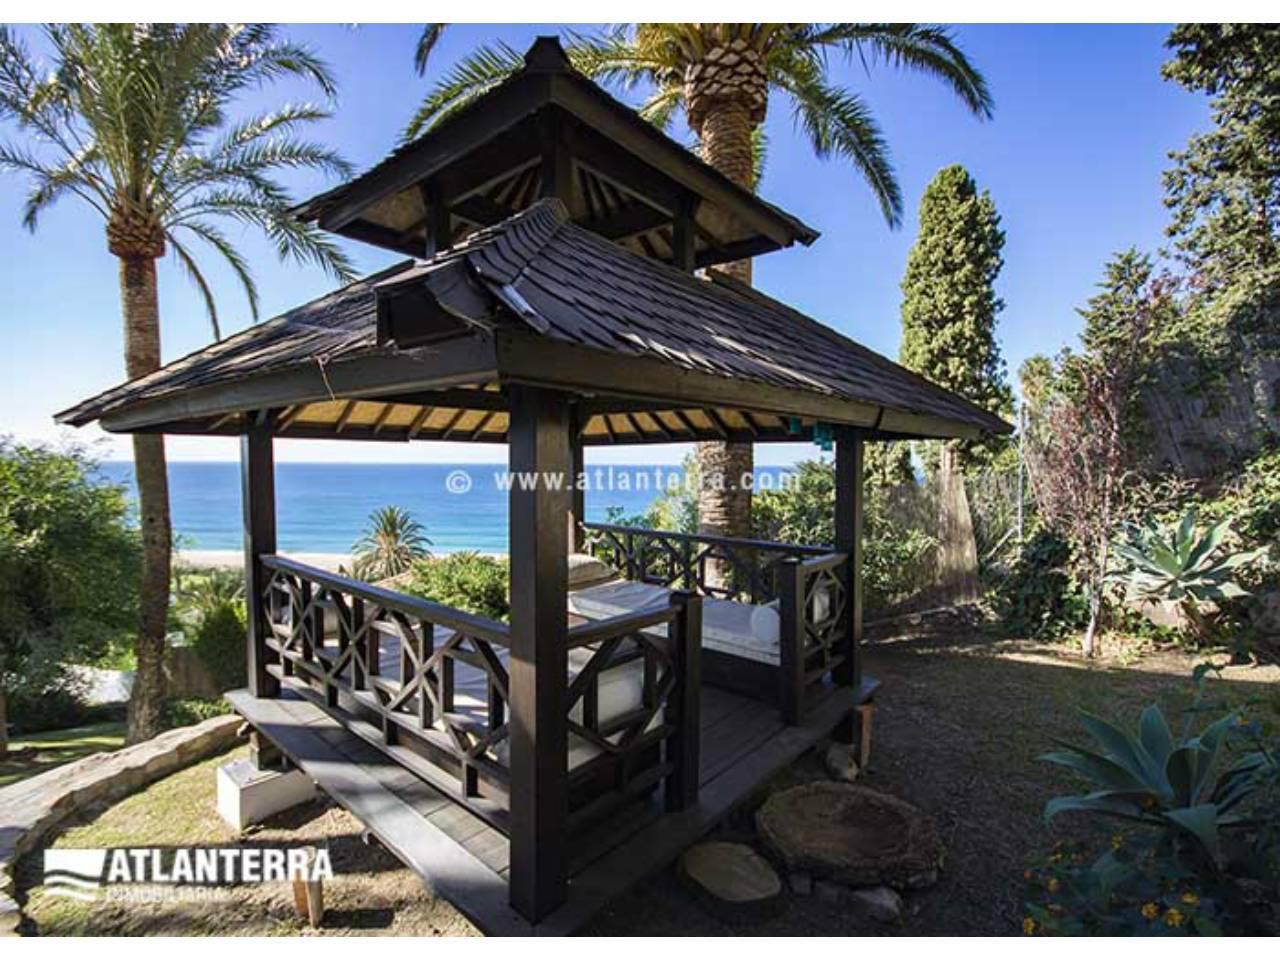 25885350 3170057 foto 829425 - Estilo rústico, privacidad y vistas maravillosas en esta villa en Zahara de los Atunes (Cádiz)